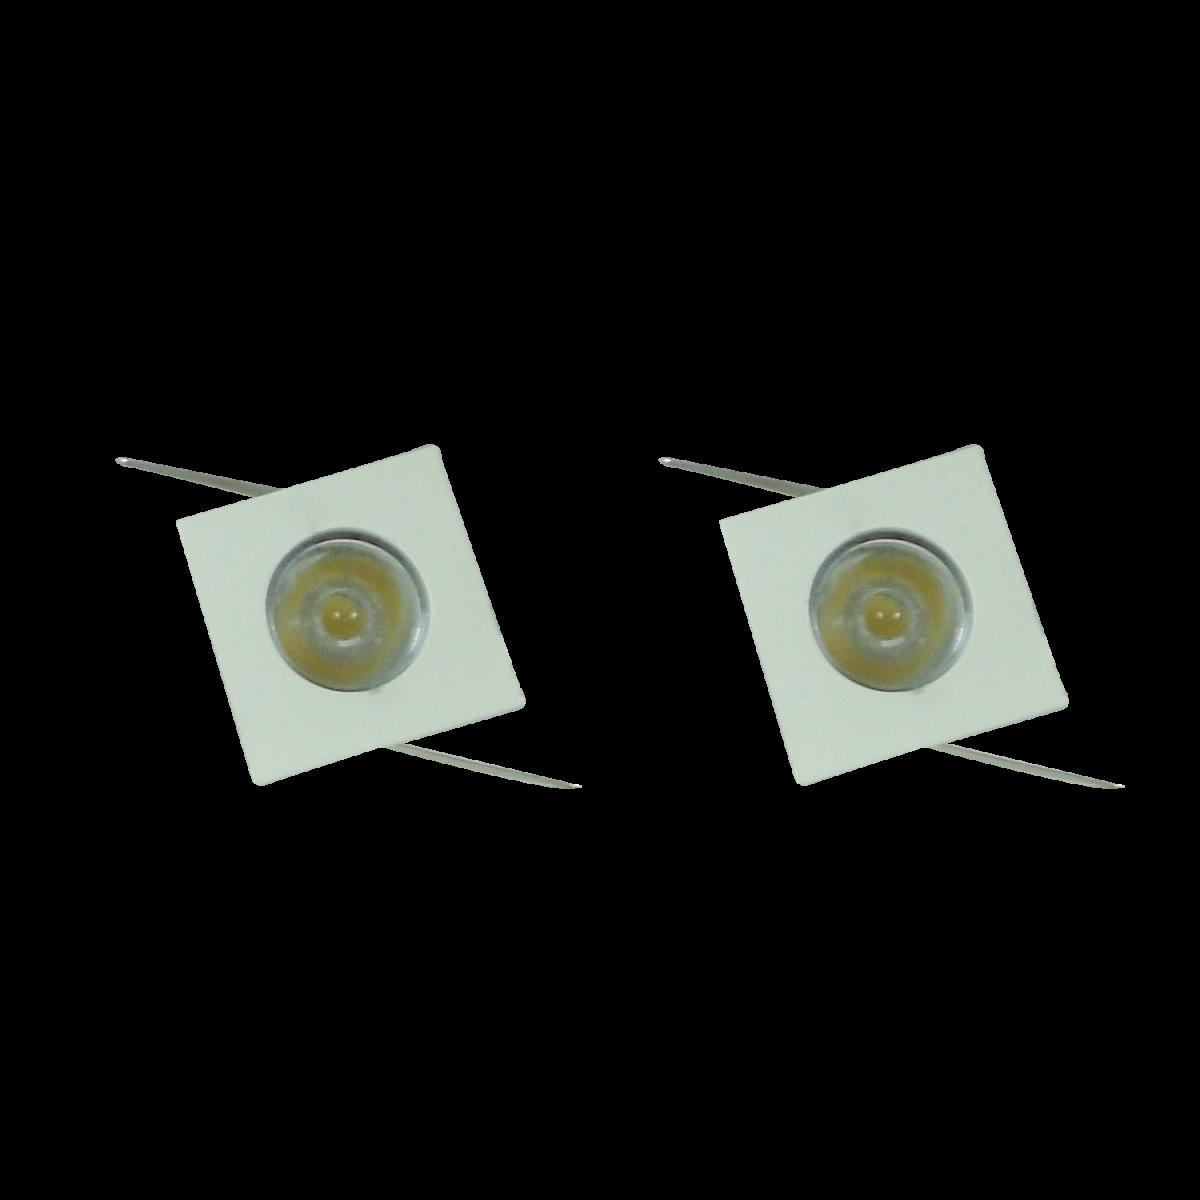 2 Unidades Mini Spot LED 3W Bivolt Quadrado - Embutir em Móvel